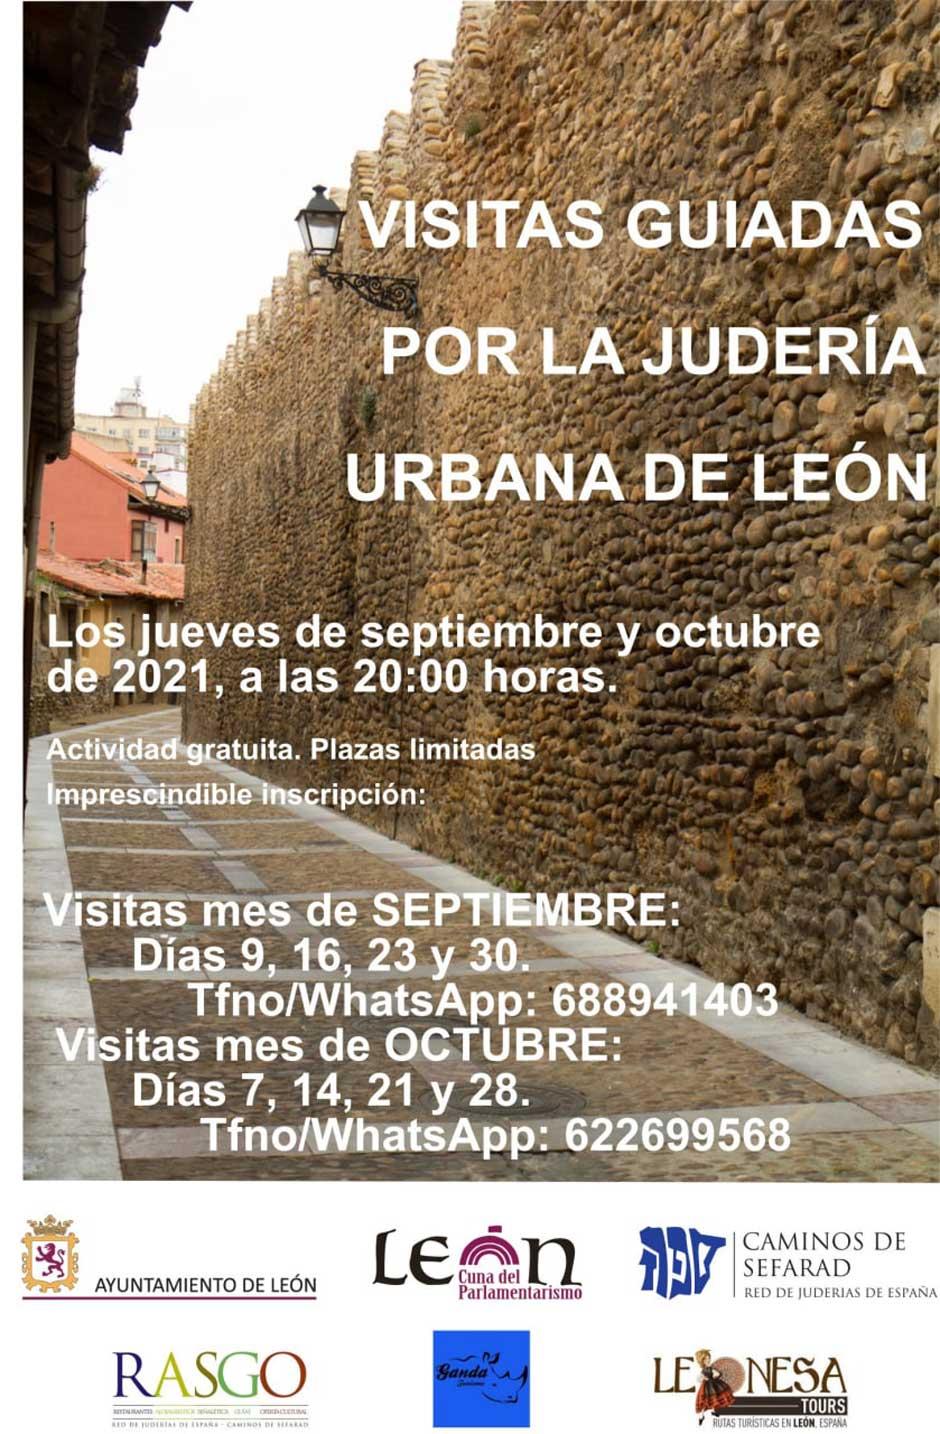 Durante septiembre y octubre, la ciudad de León rememora su herencia guiada con un ciclo de visitas guiadas por su Judería.   Red de Juderías de España Caminos de Sefarad